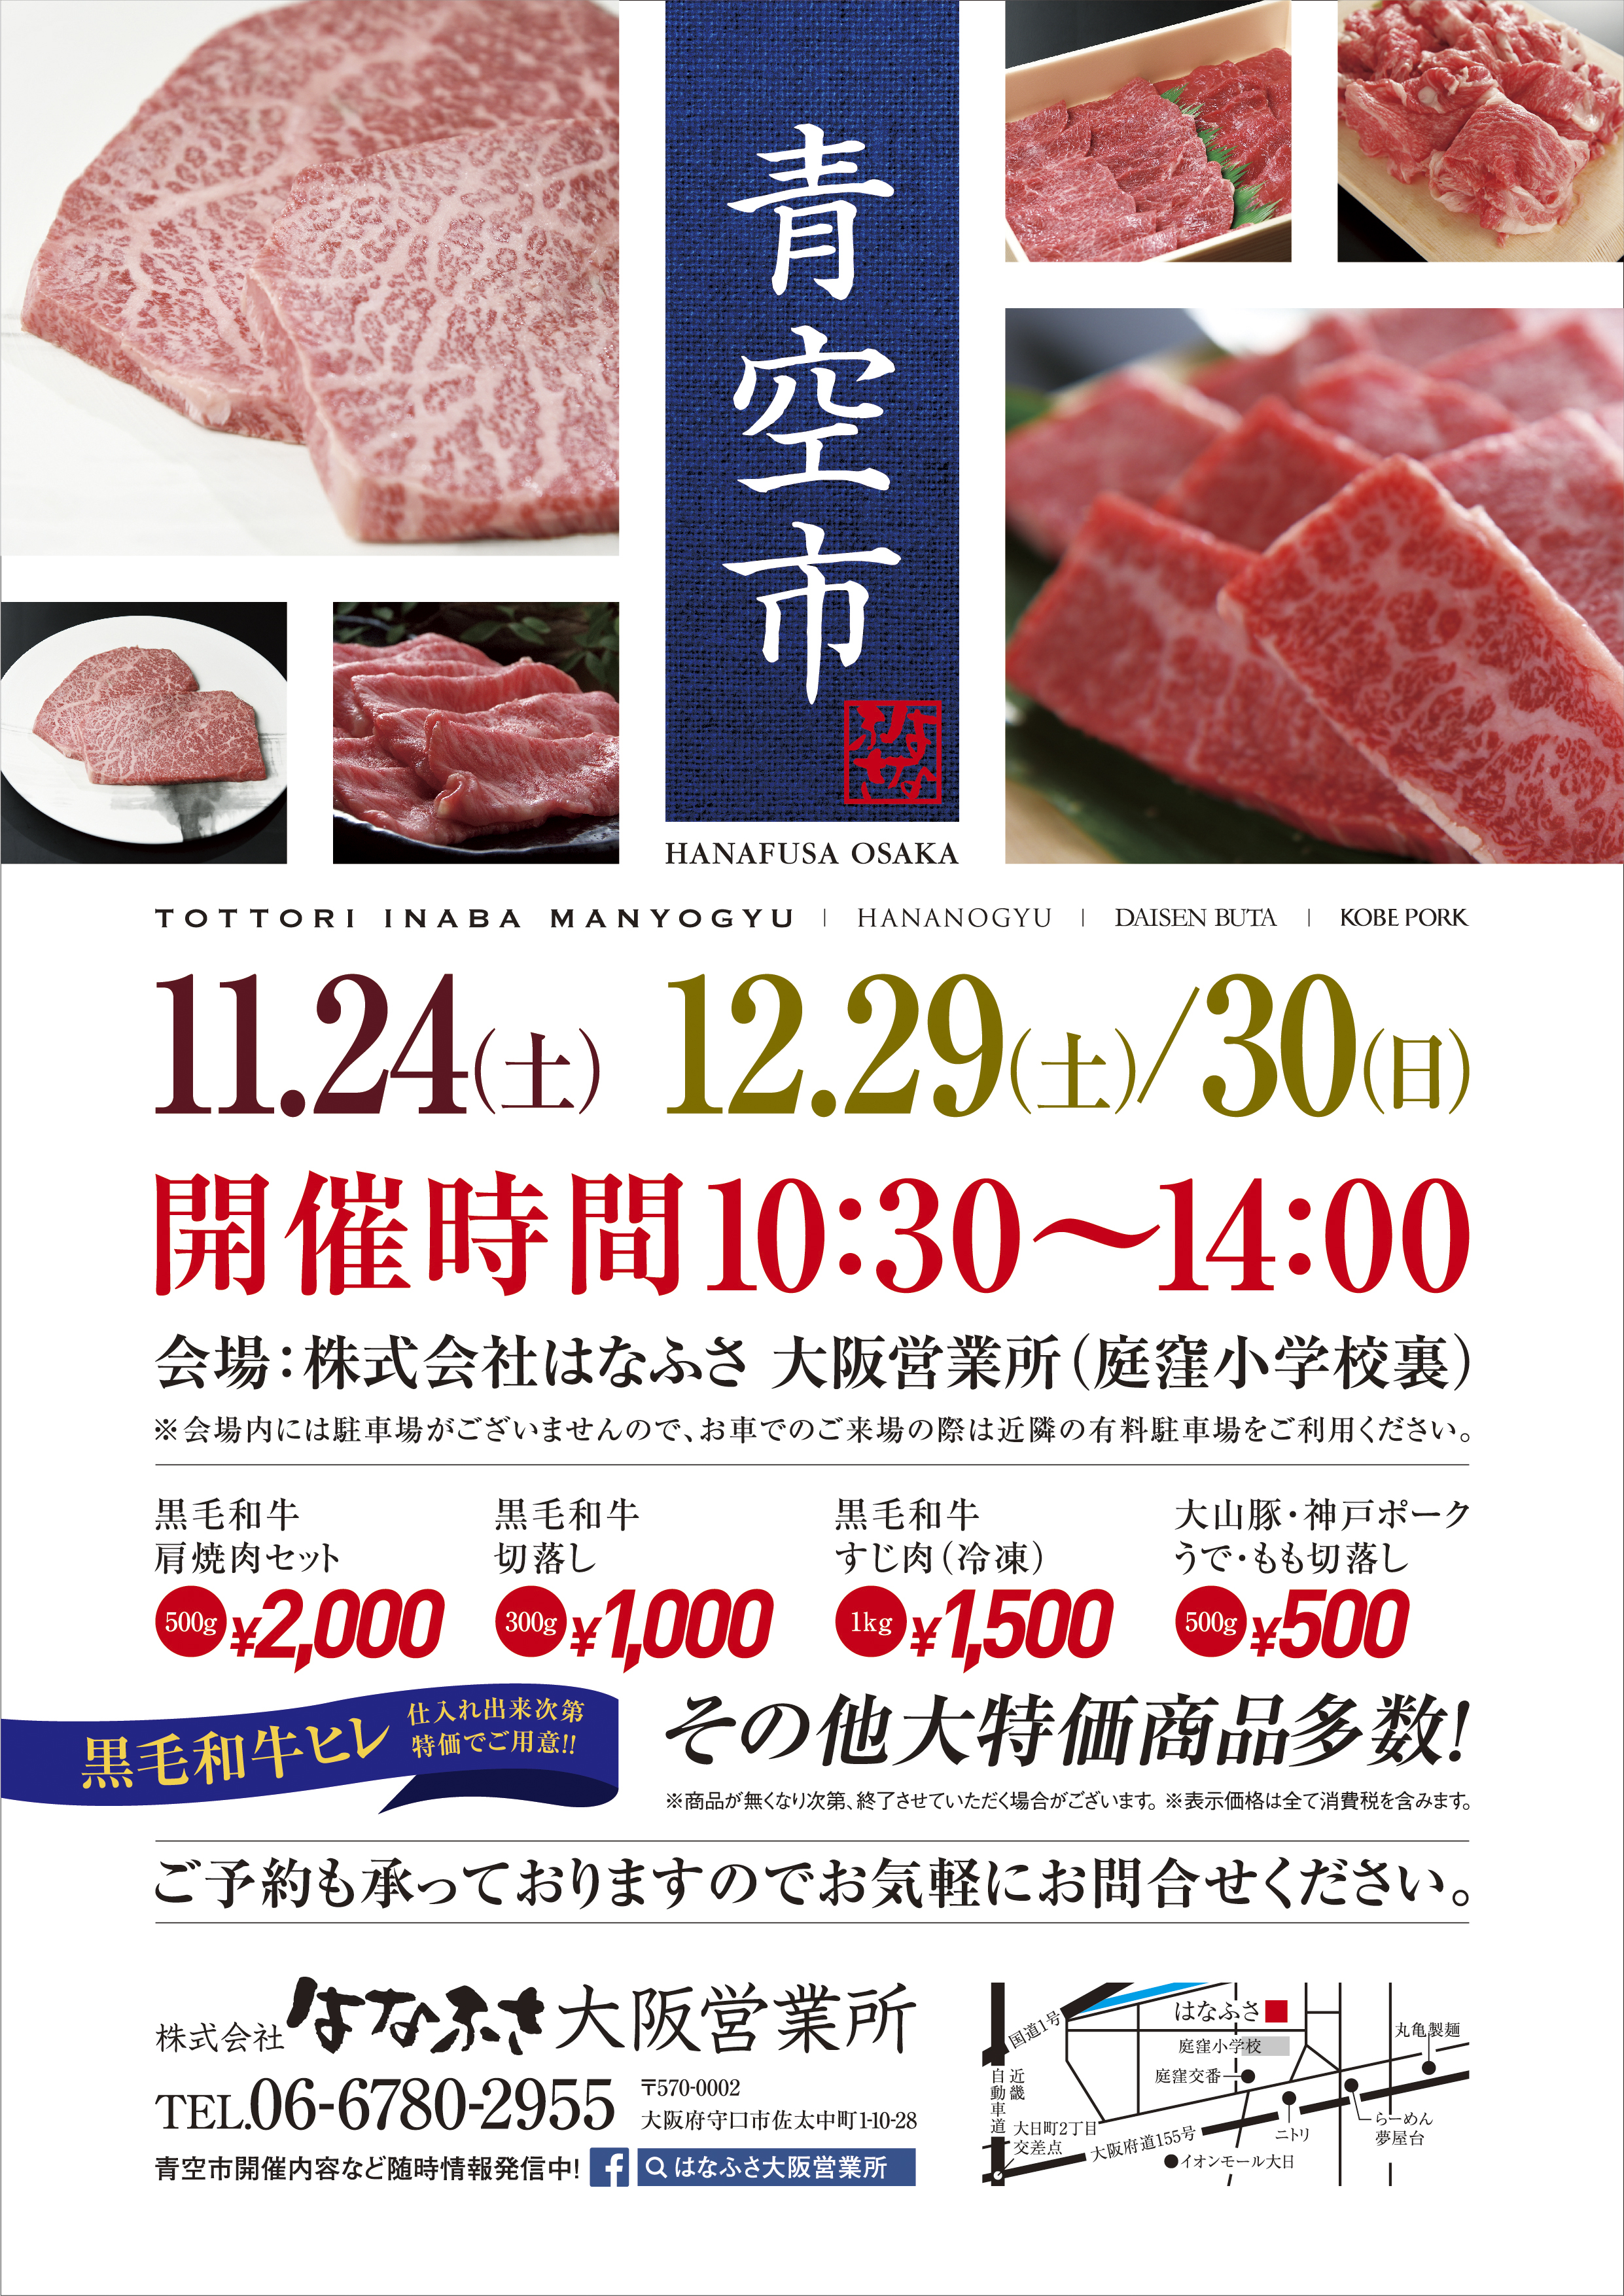 大阪「青空市」&お正月特選黒毛和牛予約ご注文のお知らせ